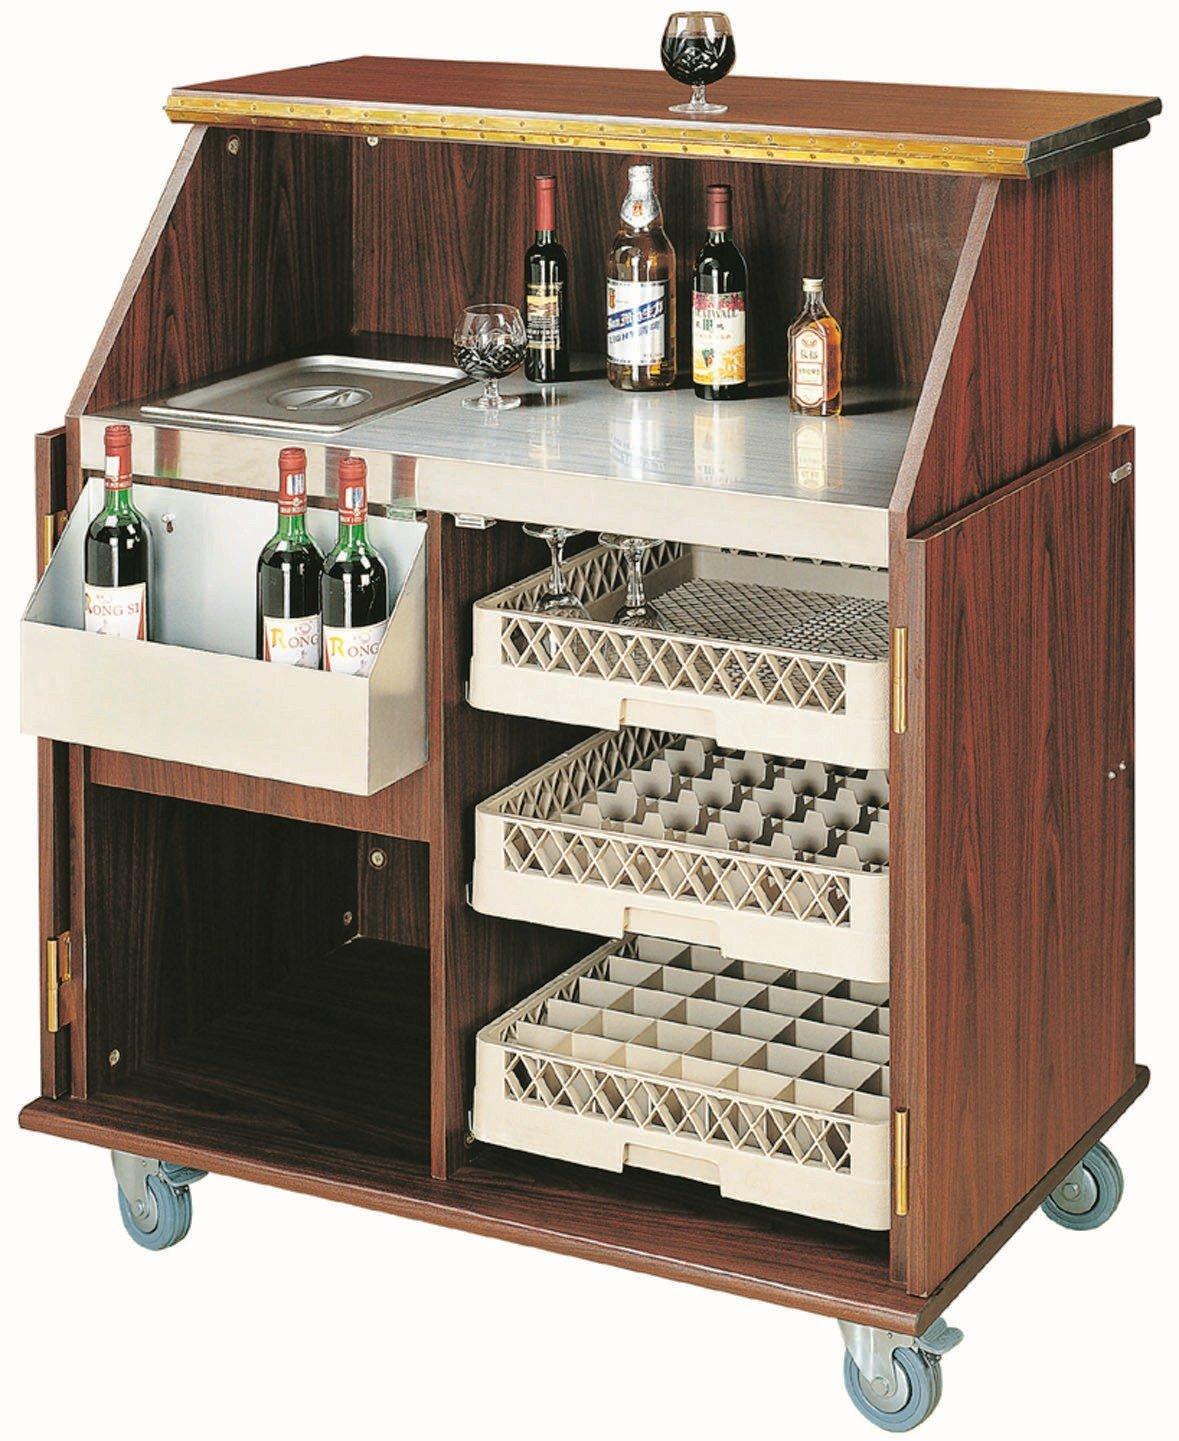 Full Size of Elegante Hausbar Mobile Bar Theke Bartheke Holz Barschrank Esstisch Ausziehbar Massiv Ausklappbares Bett Küche Kaufen Tipps Günstig Mit Elektrogeräten Wohnzimmer Bar Kaufen